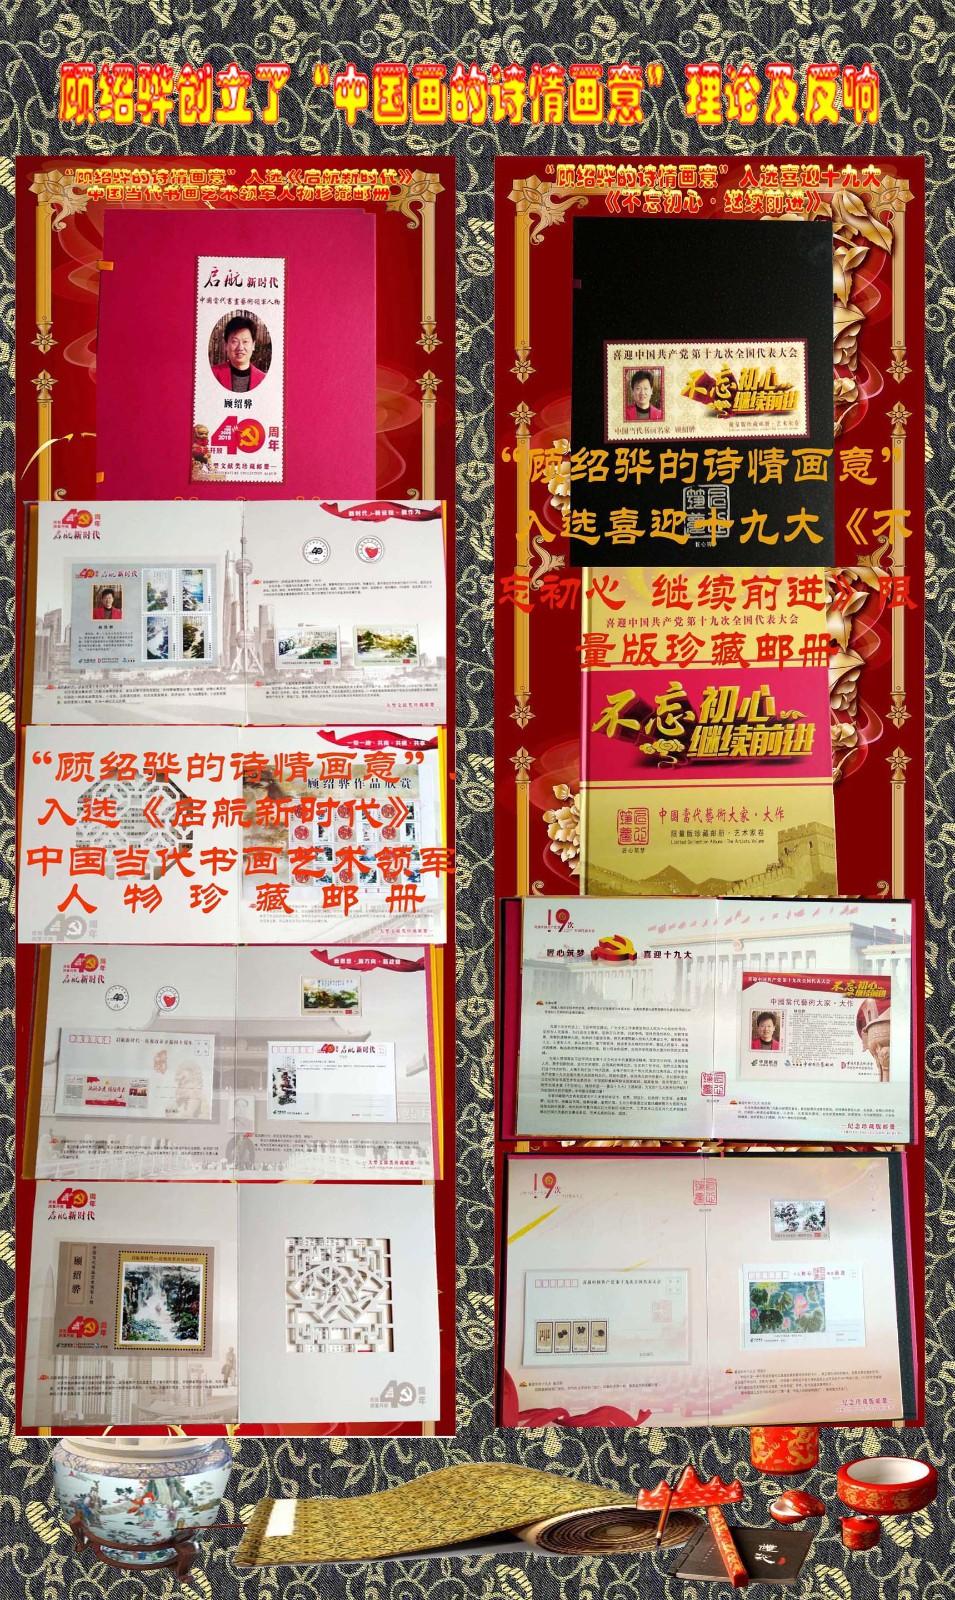 顾绍骅在中国画方面作出的一点贡献_图1-25